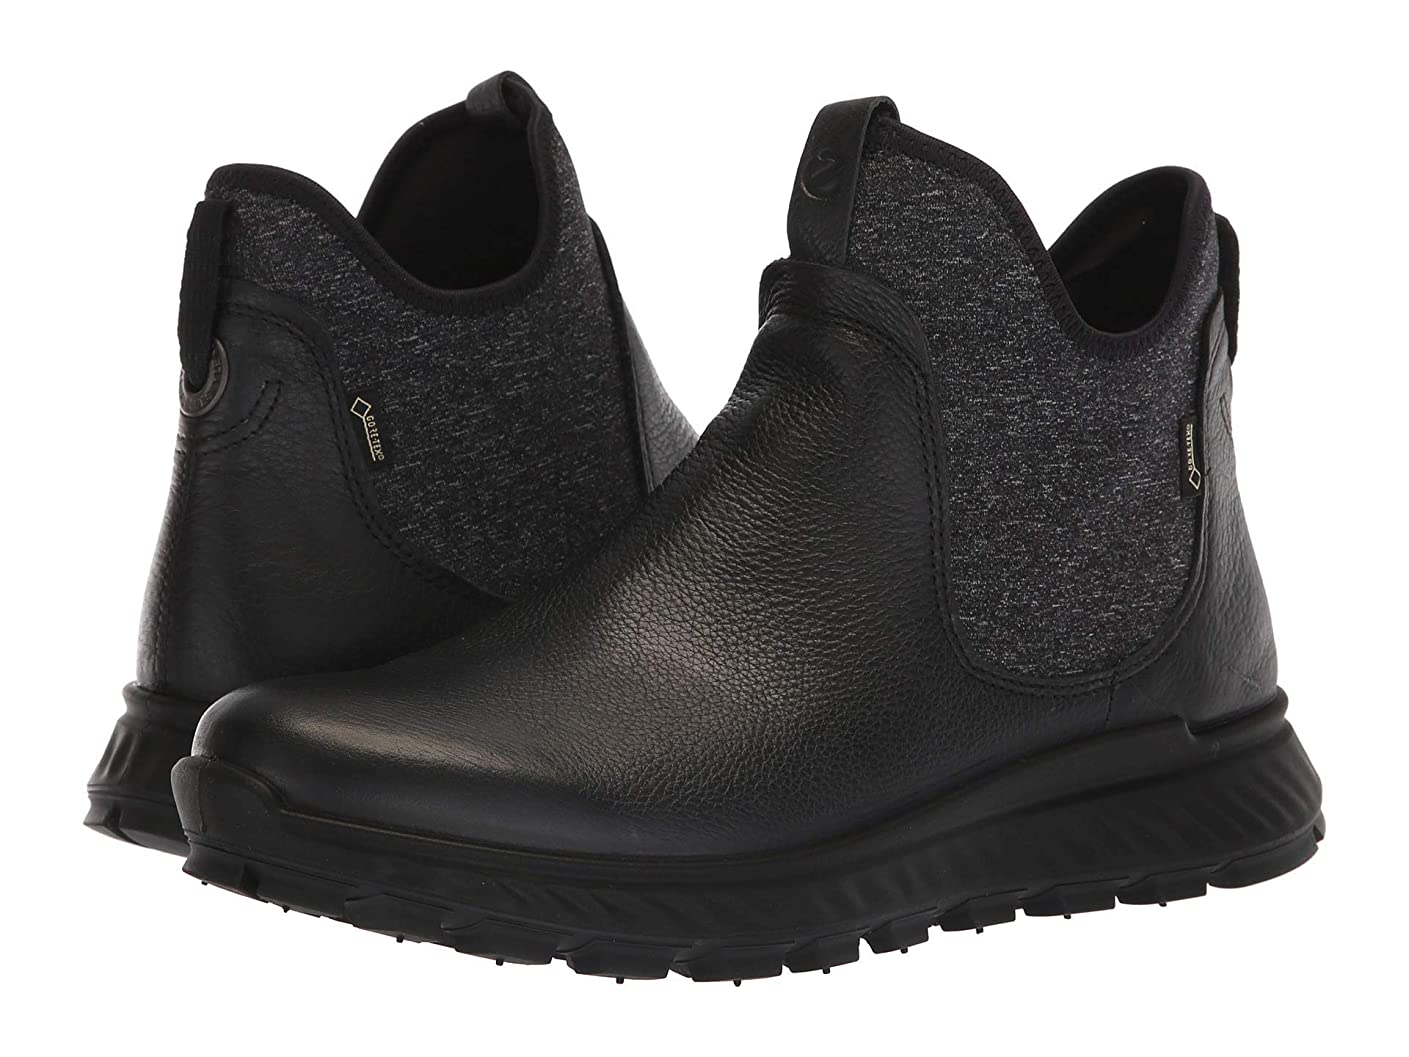 共和党彼女の主張[エコー] レディースブーツ?靴 Exostrike GORE-TEX Boot [並行輸入品]